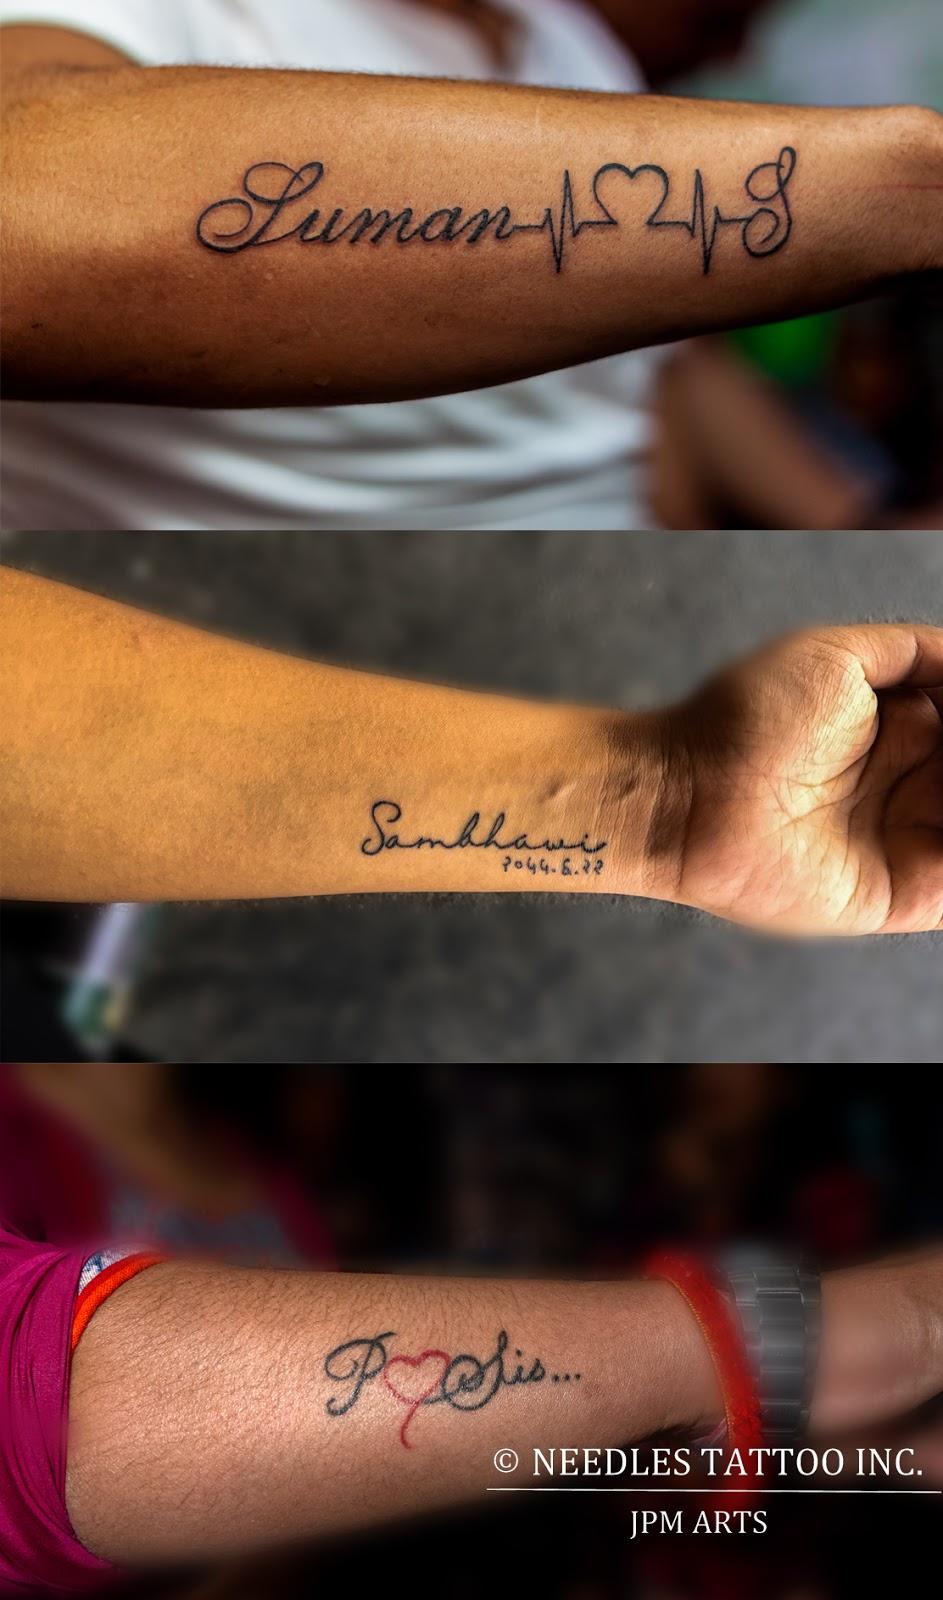 Jimmy Needles Tattoo Inc Needles Tattoo Work